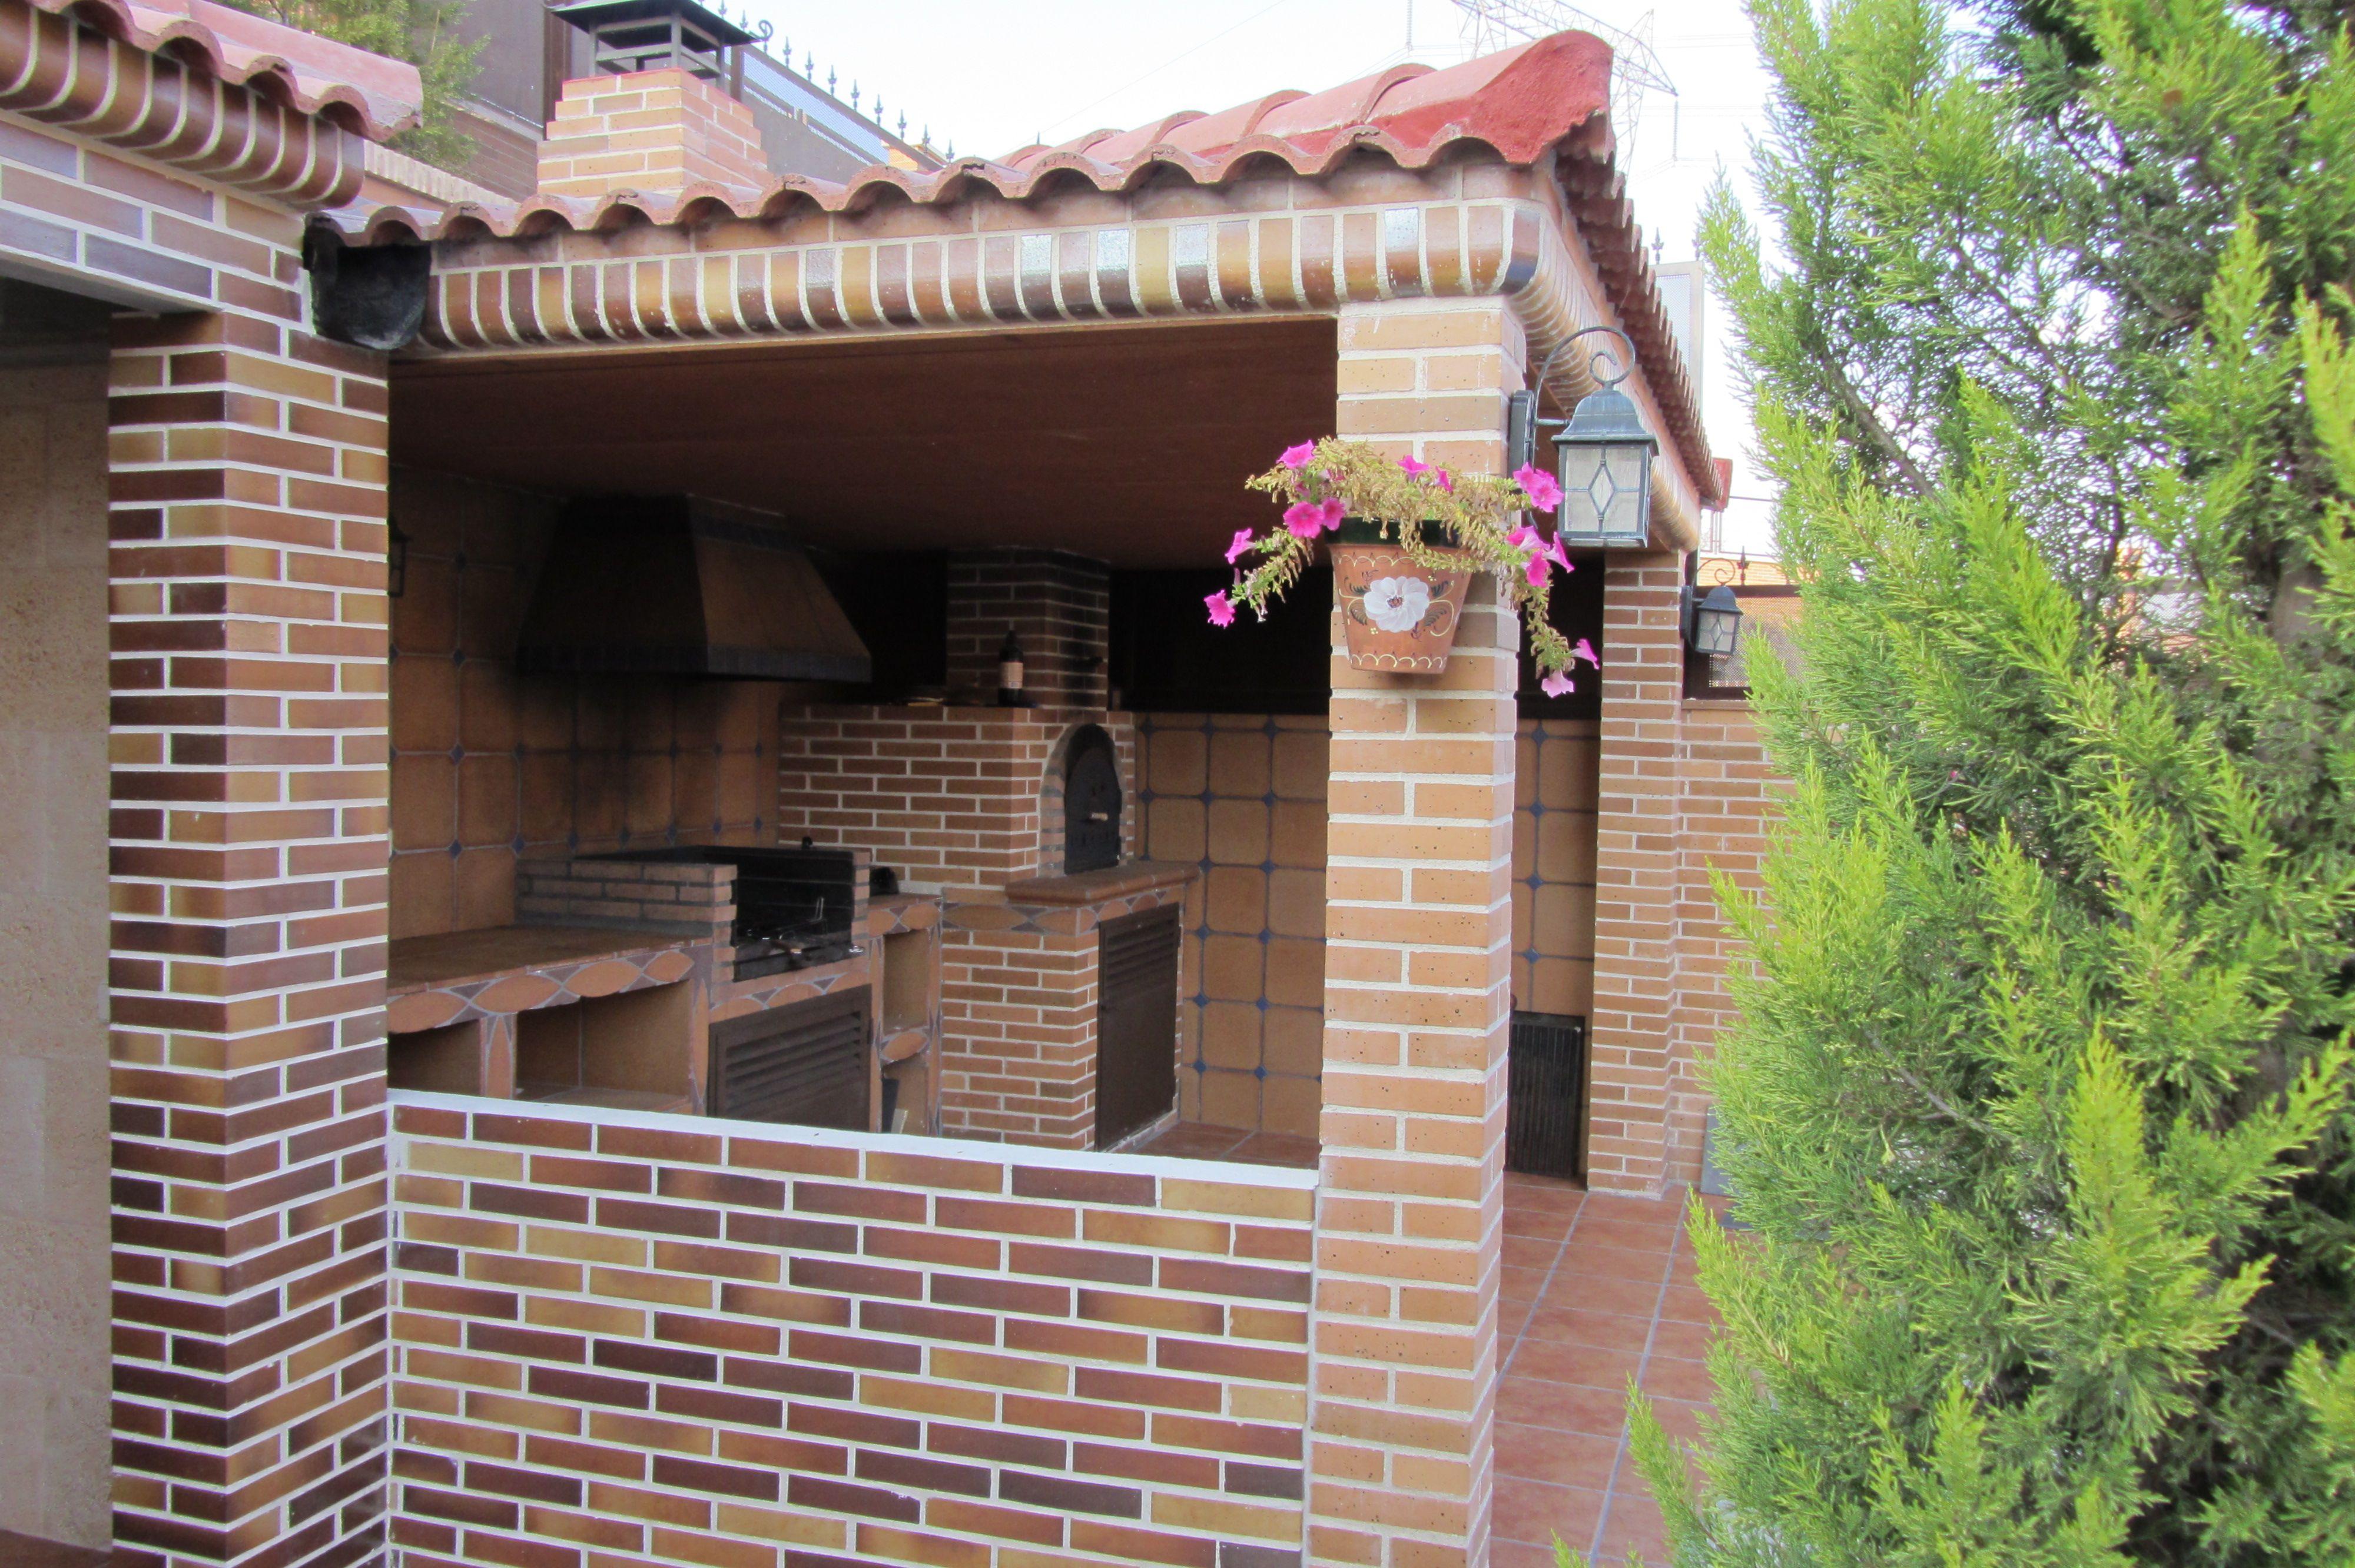 con ladrillo visto y tejado de teja semi cerrada